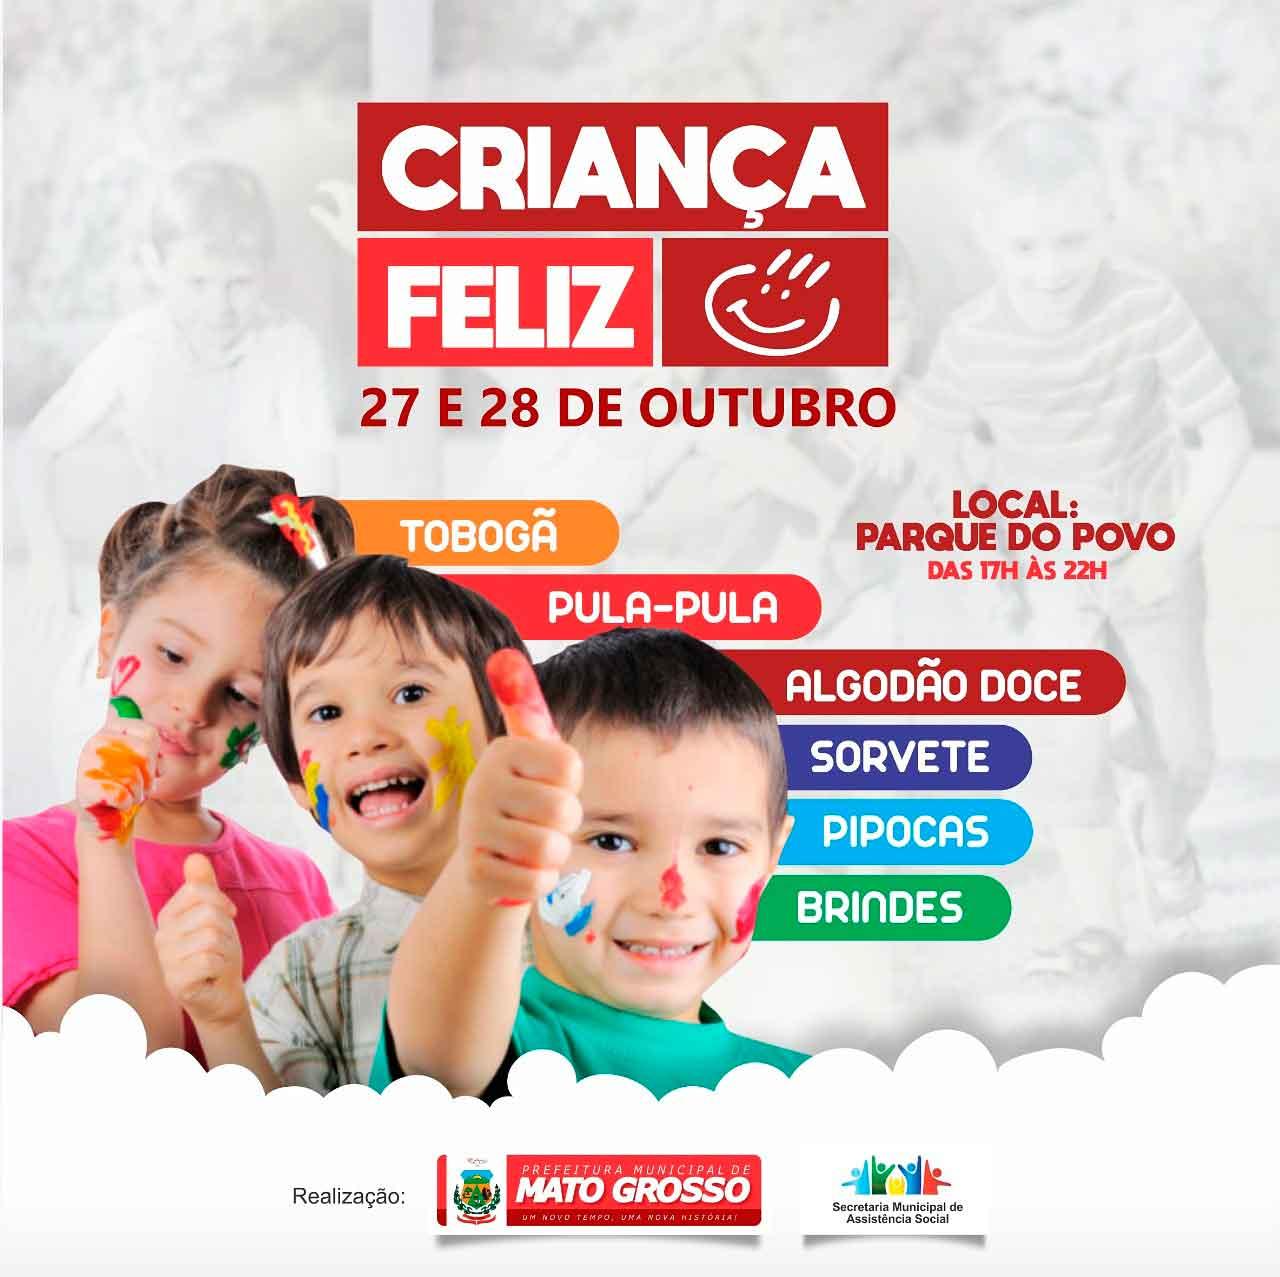 """""""Criança Feliz"""": Prefeitura de Mato Grosso promove evento gratuito no Parque do Povo"""